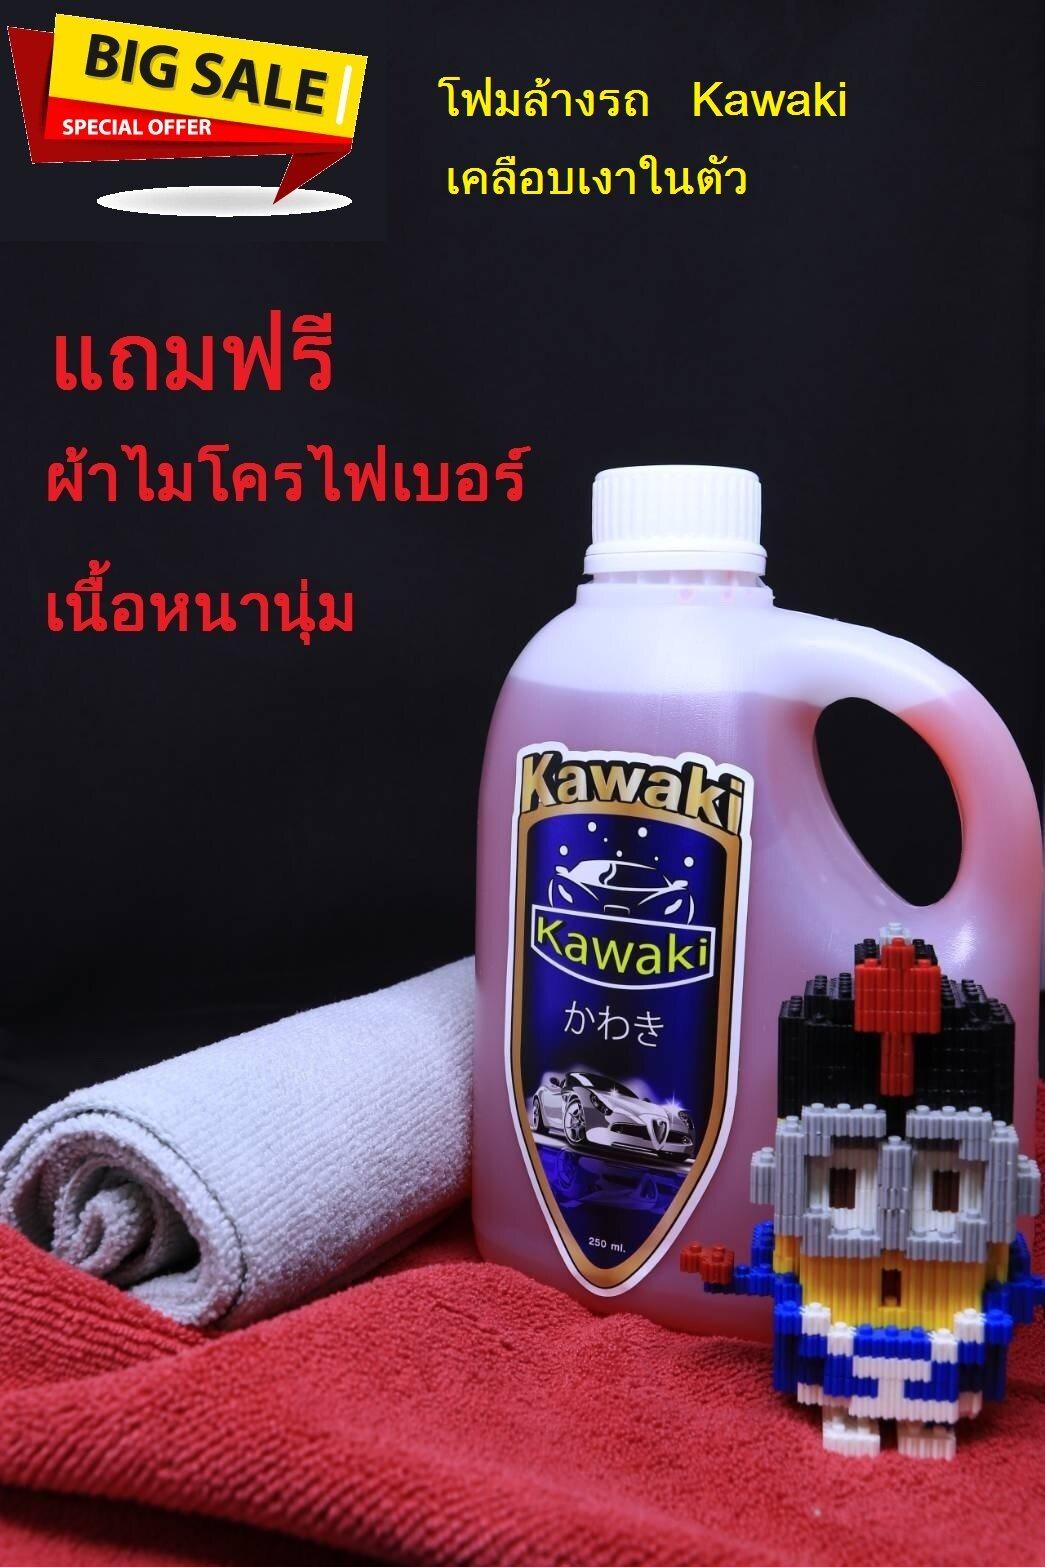 โฟมล้างรถ Kawaki เนื้อโฟมนุ่มลื่น ล้างง่าย ช่วยให้สีรถเงางาม ของแท้ 100%.